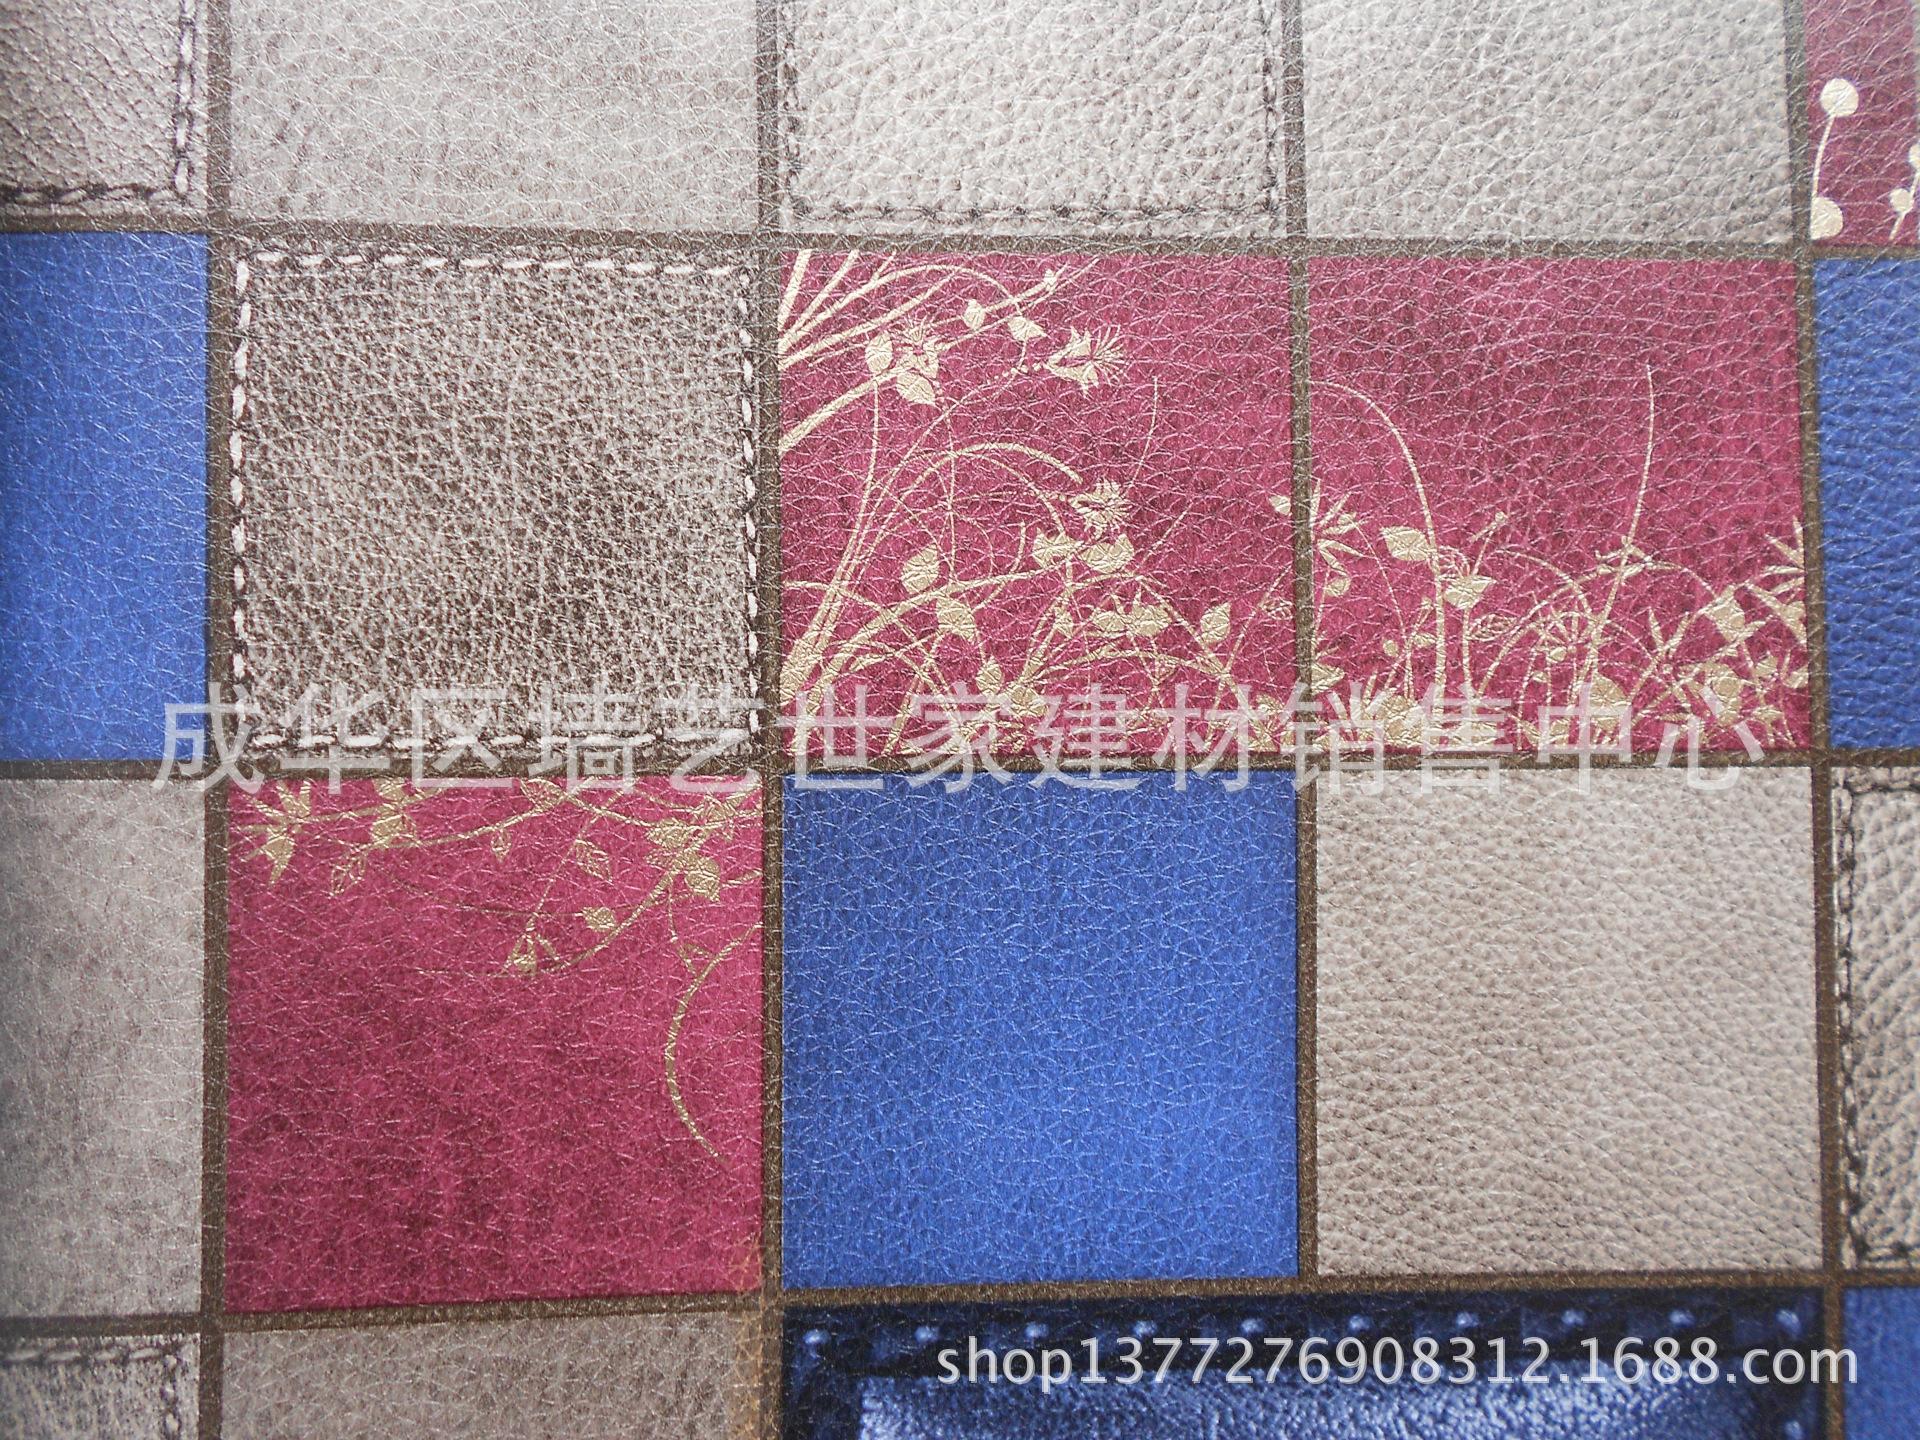 墙艺世家壁纸壁布墙纸墙布版本成都墙纸仓库现货招商加盟价格及生产